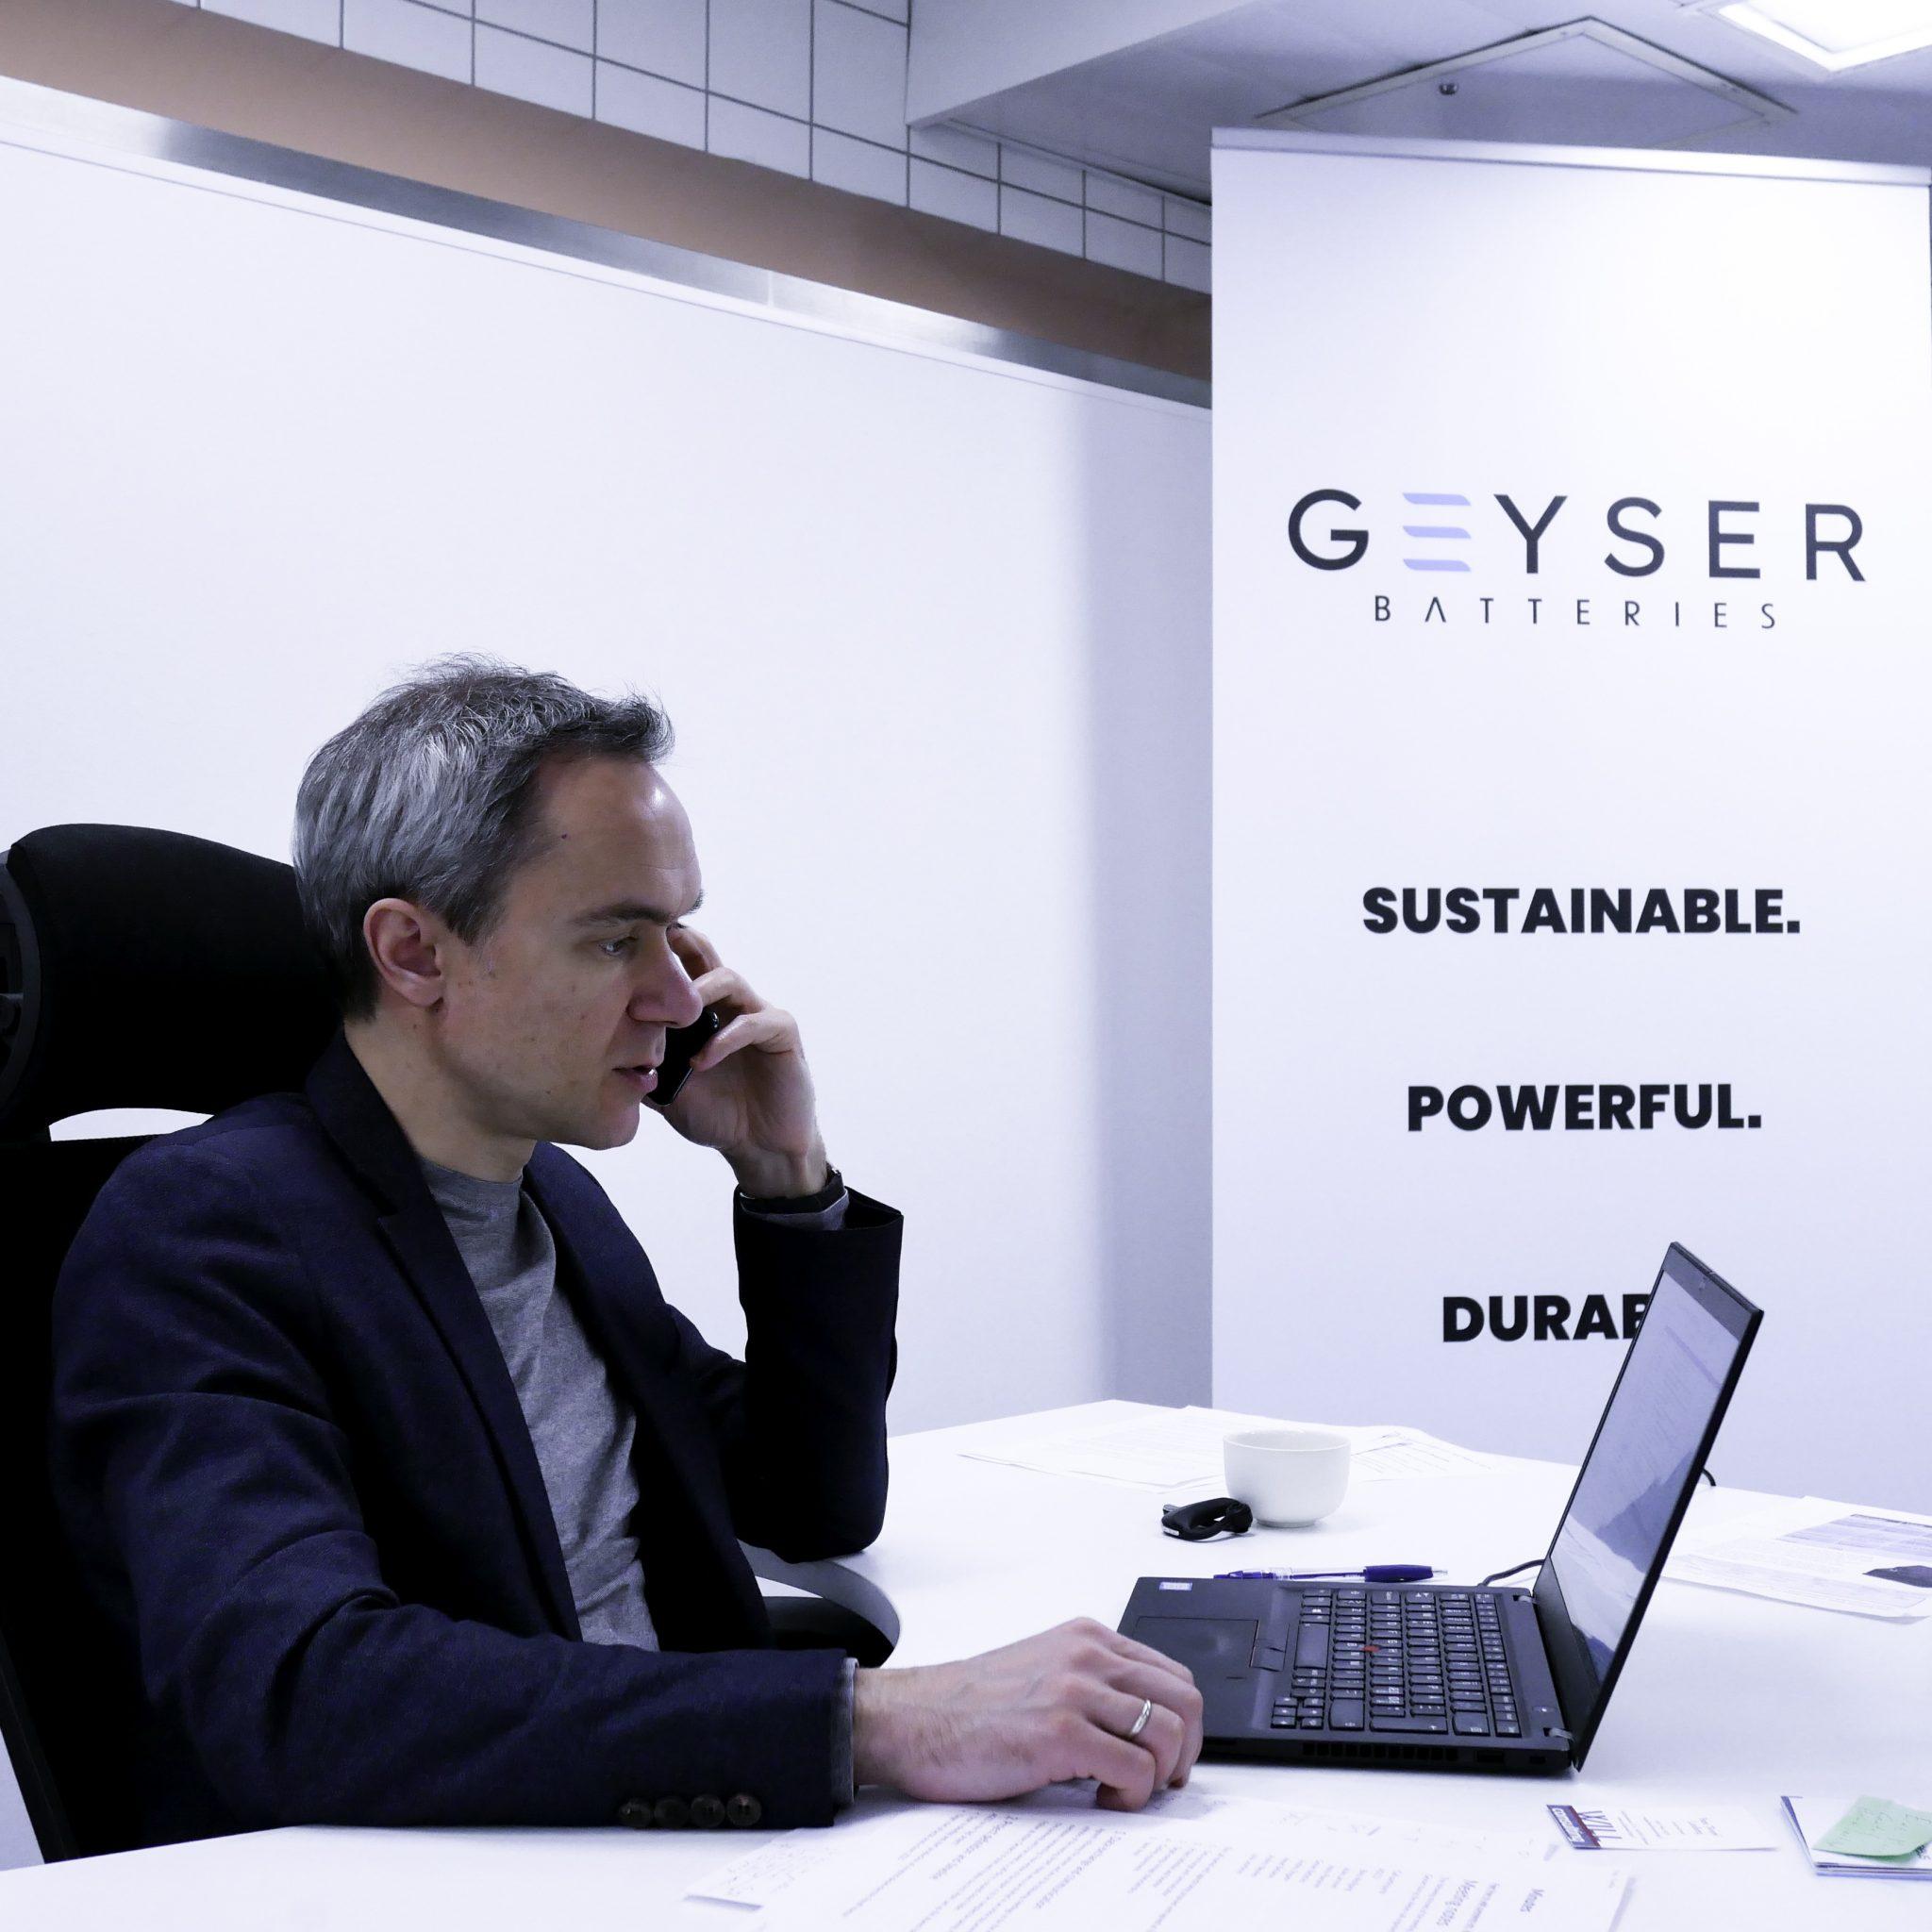 CEO Andrey Shigayev Van Geyser Batteries: 'Onze accu's gaan een scheepsleven mee en hoeven in een schip niet op een makkelijk bereikbare plek te worden opgeslagen. (Foto Geyser Batteries)